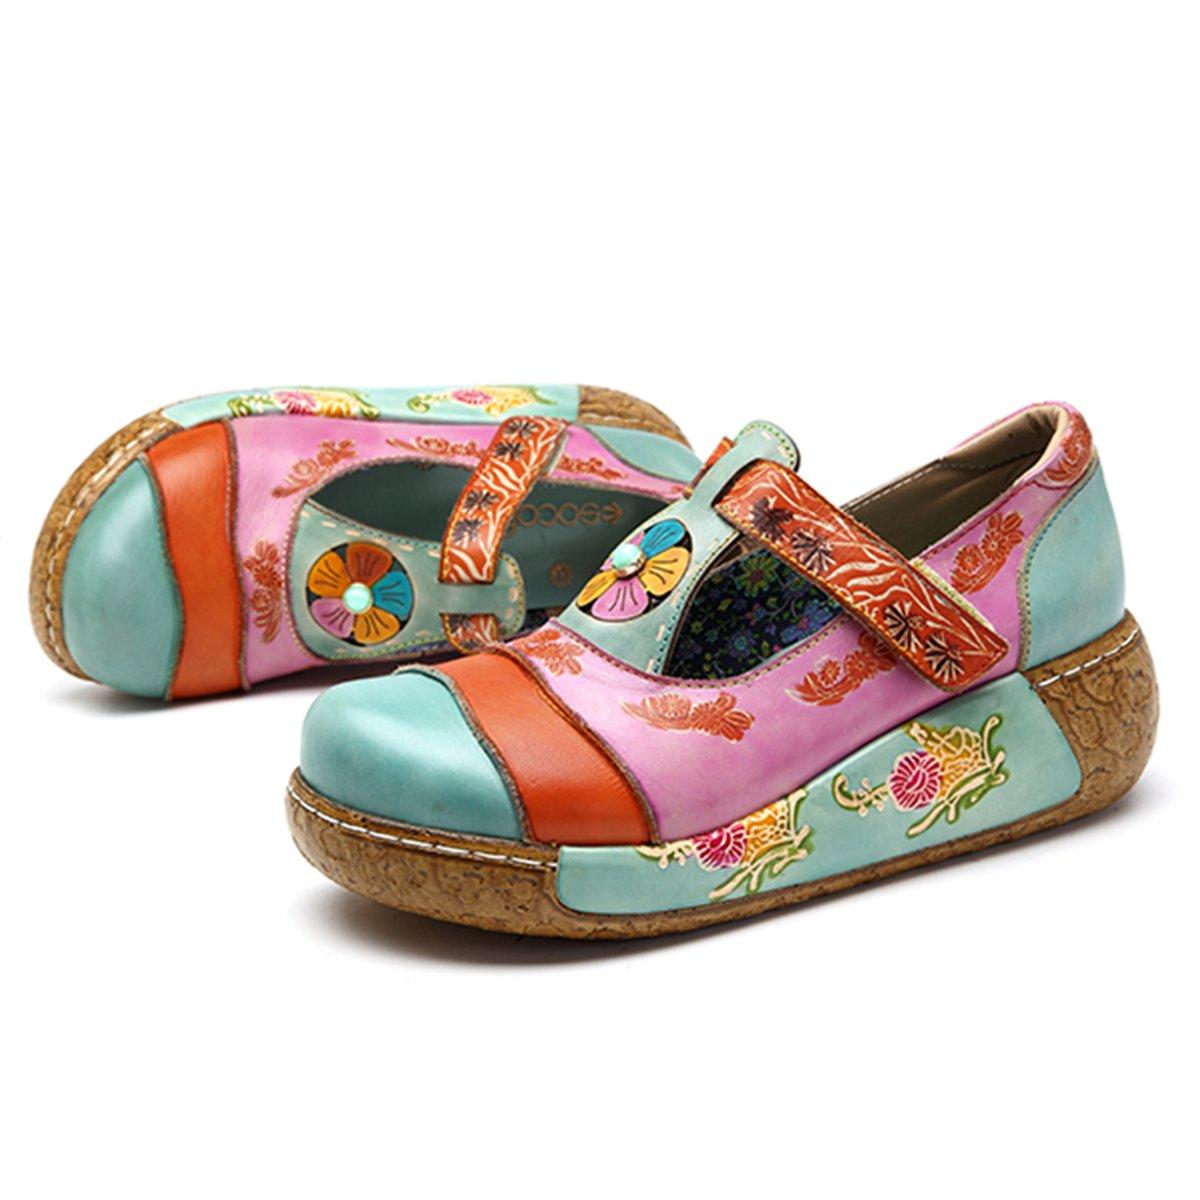 Socofy Sandalias de Mujer, Zapatos Merceditas para Mujer de Cuña de Flores Coloridas Zapatos de Cuero de la Vendimia Plataforma Slip-On Sandal Danza de Ballet Mocasines Casuales Oxford Zapatos 39 EU|Sky Blue # 1